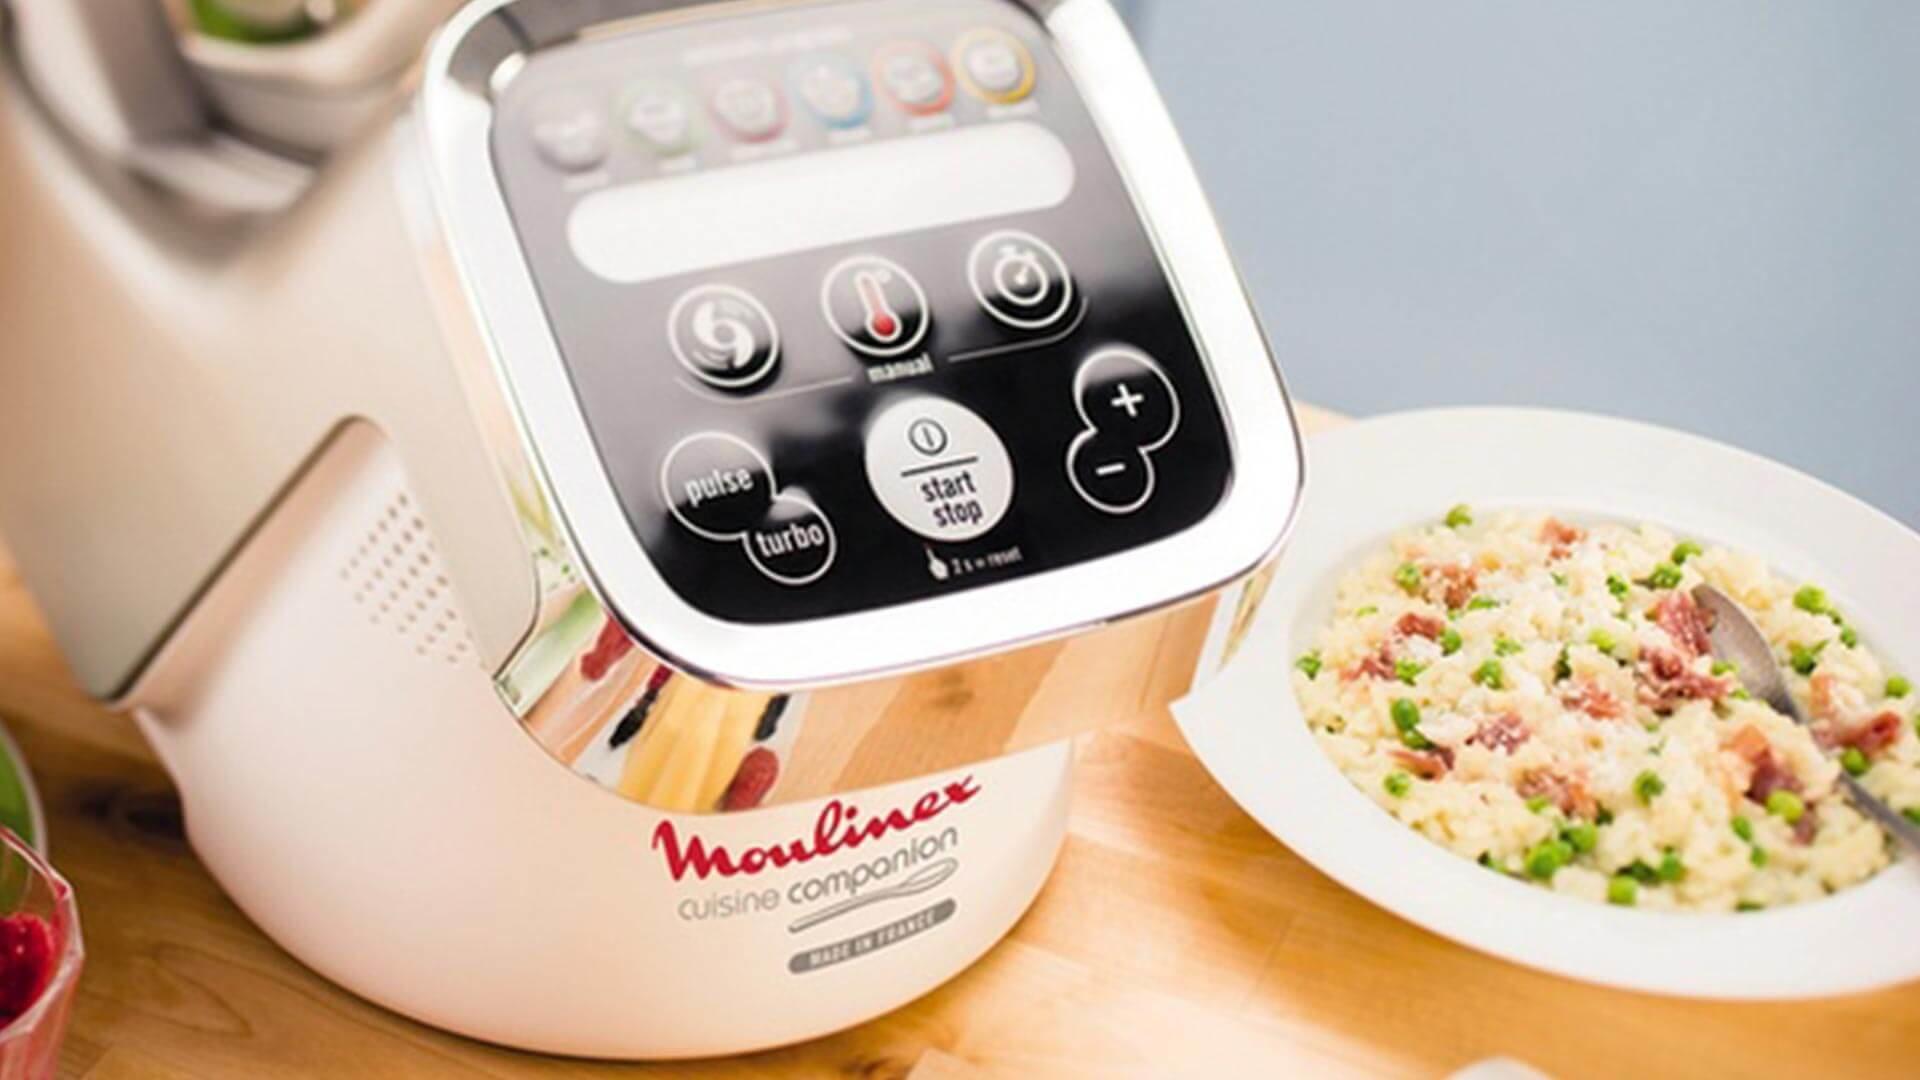 robot cuiseur connecte i companion moulinex avis